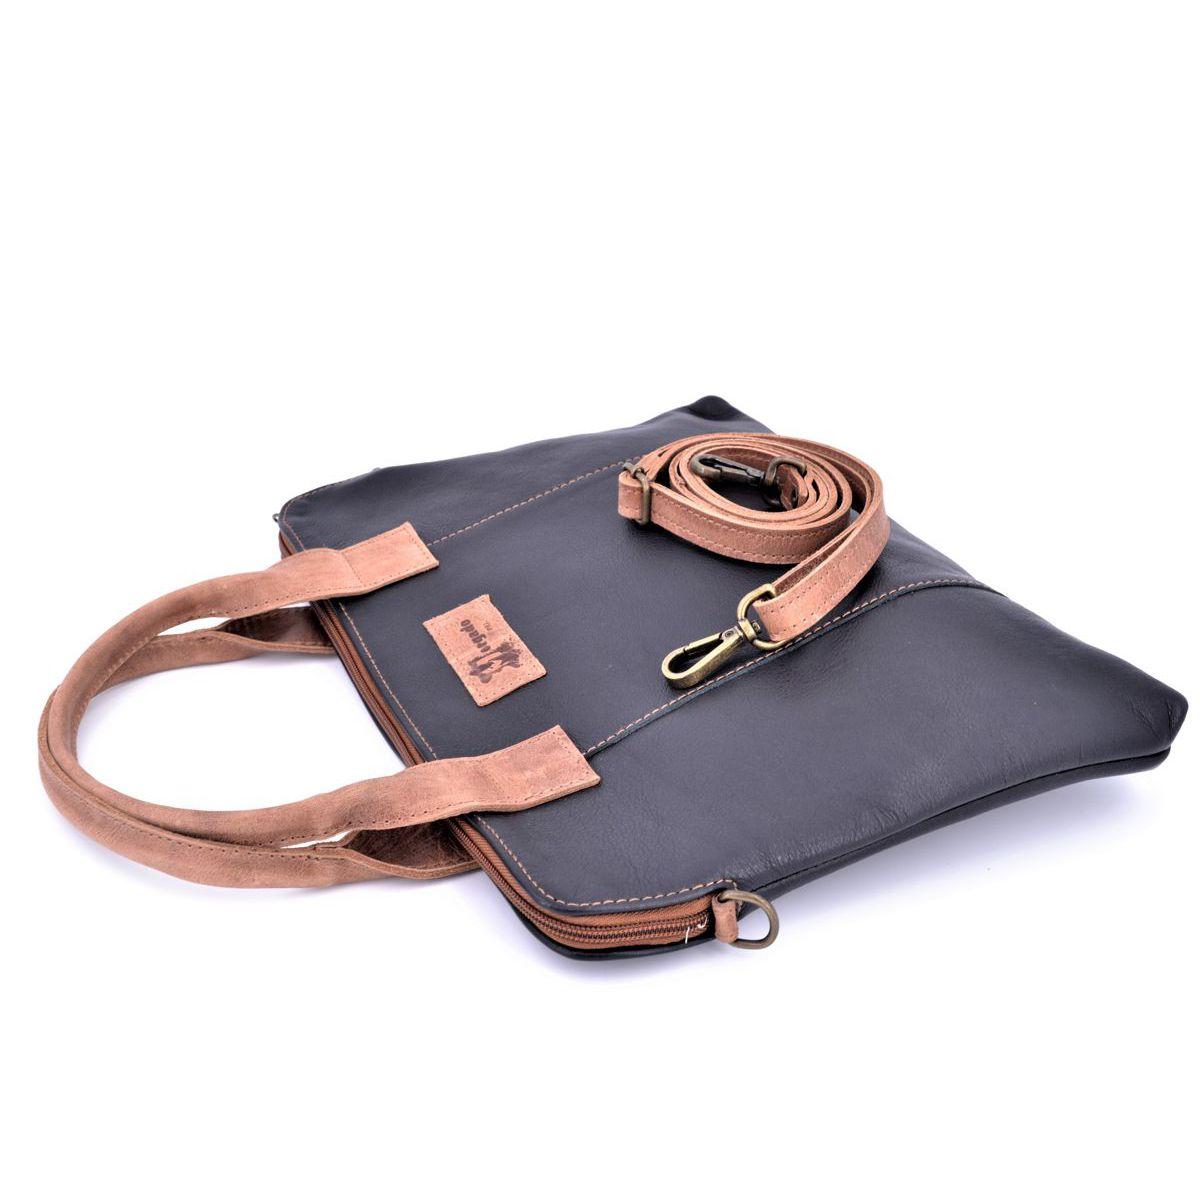 Black leather / leather bag Black BRASS Workshop